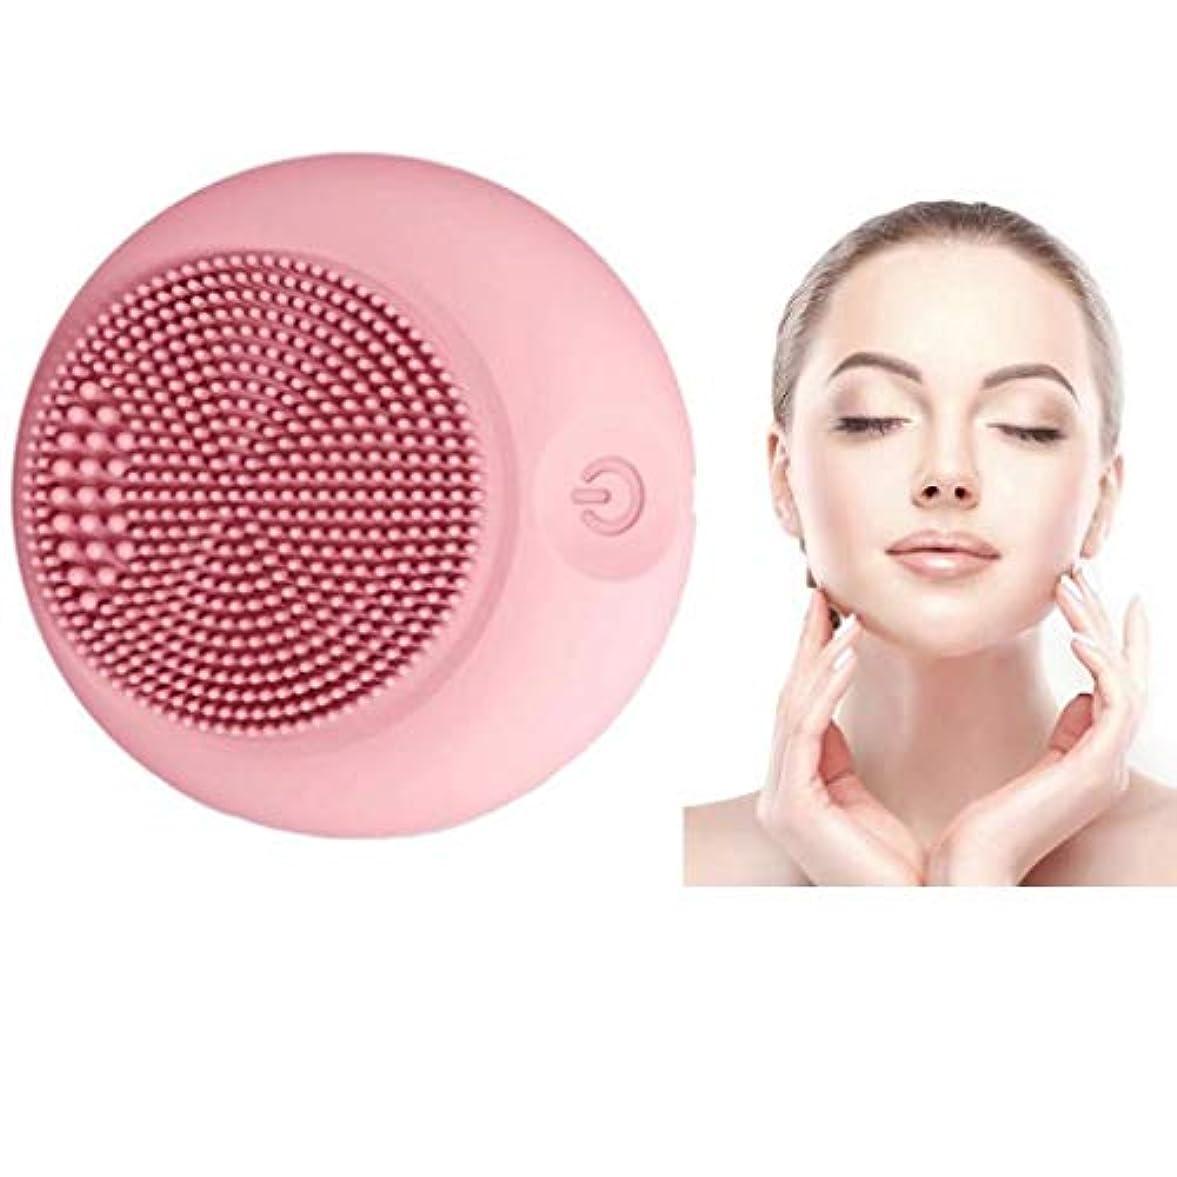 未亡人新聞努力するクレンジング楽器、シリコンクレンジングブラシ、電動ウォッシュブラシ、シリコンフェイシャルマッサージ、ポータブル超音波振動、肌を清潔に保ち、防水、すべての肌タイプに適して (Color : Pink)